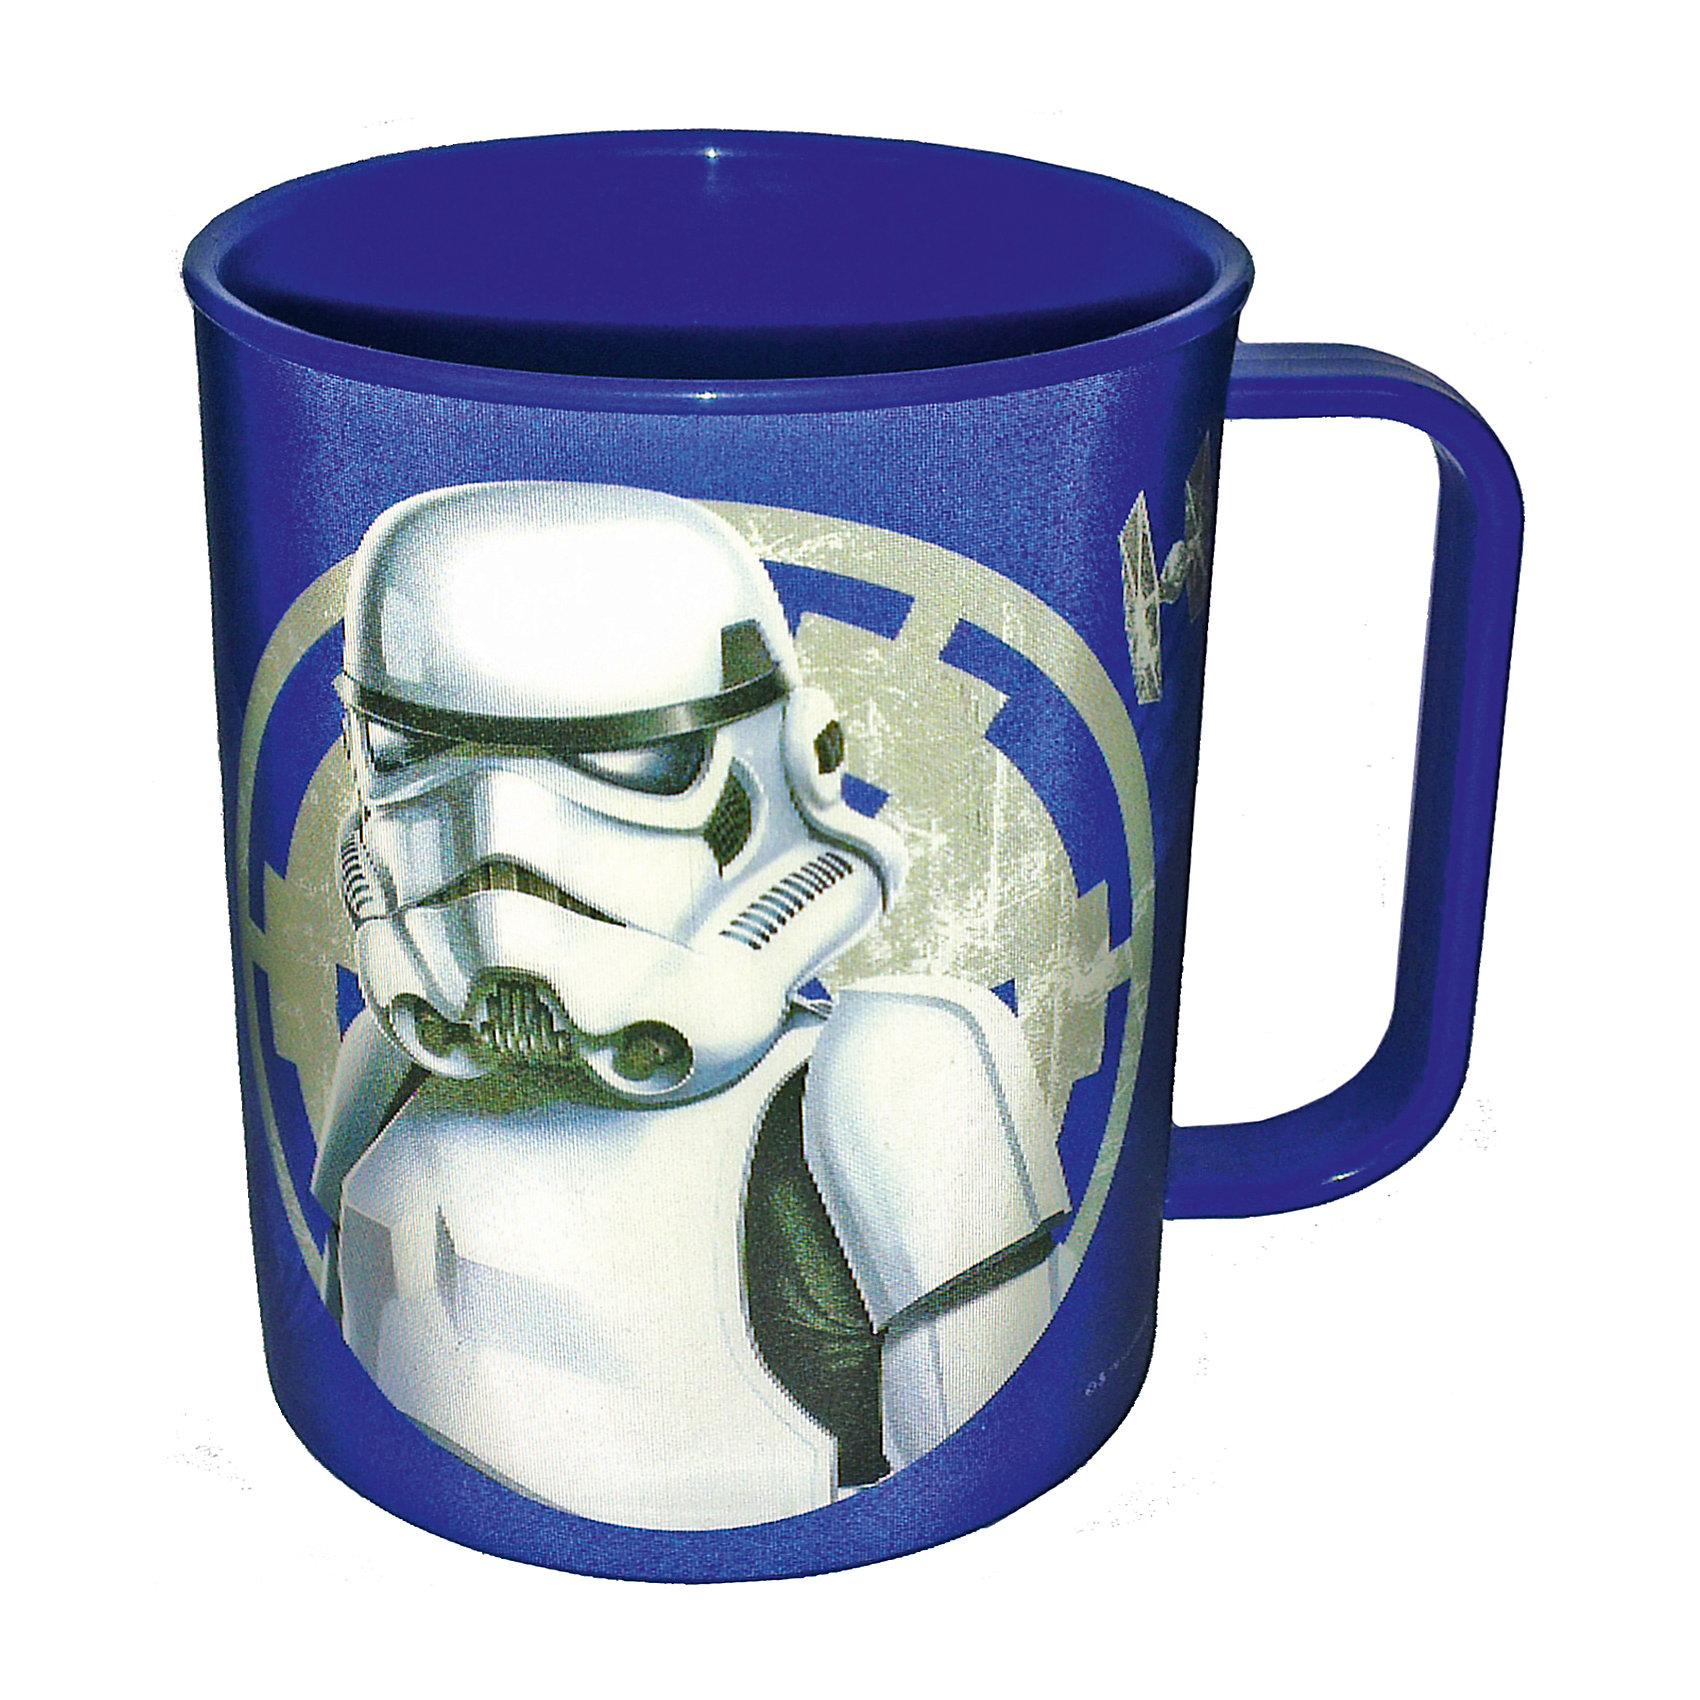 Синяя кружка Звездные войны 325 млСиняя кружка Звездные войны 325 мл – это отличный подарок для фаната вселенной Star Wars.<br>Синяя кружка Звездные войны изготовлена из полипропилена и оформлена рисунком с изображением имперского штурмовика. Специальное покрытие с отливом делает изображение на кружке более объемным. Не подходит для использования в посудомоечной машине и СВЧ-печи.<br><br>Дополнительная информация:<br><br>- Объем: 325 мл.<br>- Высота: 9,5 см.<br>- Цвет: синий<br>- Материал: полипропилен<br>- Размер упаковки: 10 х 8 х 9,5 см.<br>- Вес: 50 гр.<br><br>Синюю кружку Звездные войны 325 мл можно купить в нашем интернет-магазине.<br><br>Ширина мм: 100<br>Глубина мм: 80<br>Высота мм: 95<br>Вес г: 50<br>Возраст от месяцев: 36<br>Возраст до месяцев: 144<br>Пол: Унисекс<br>Возраст: Детский<br>SKU: 4536242